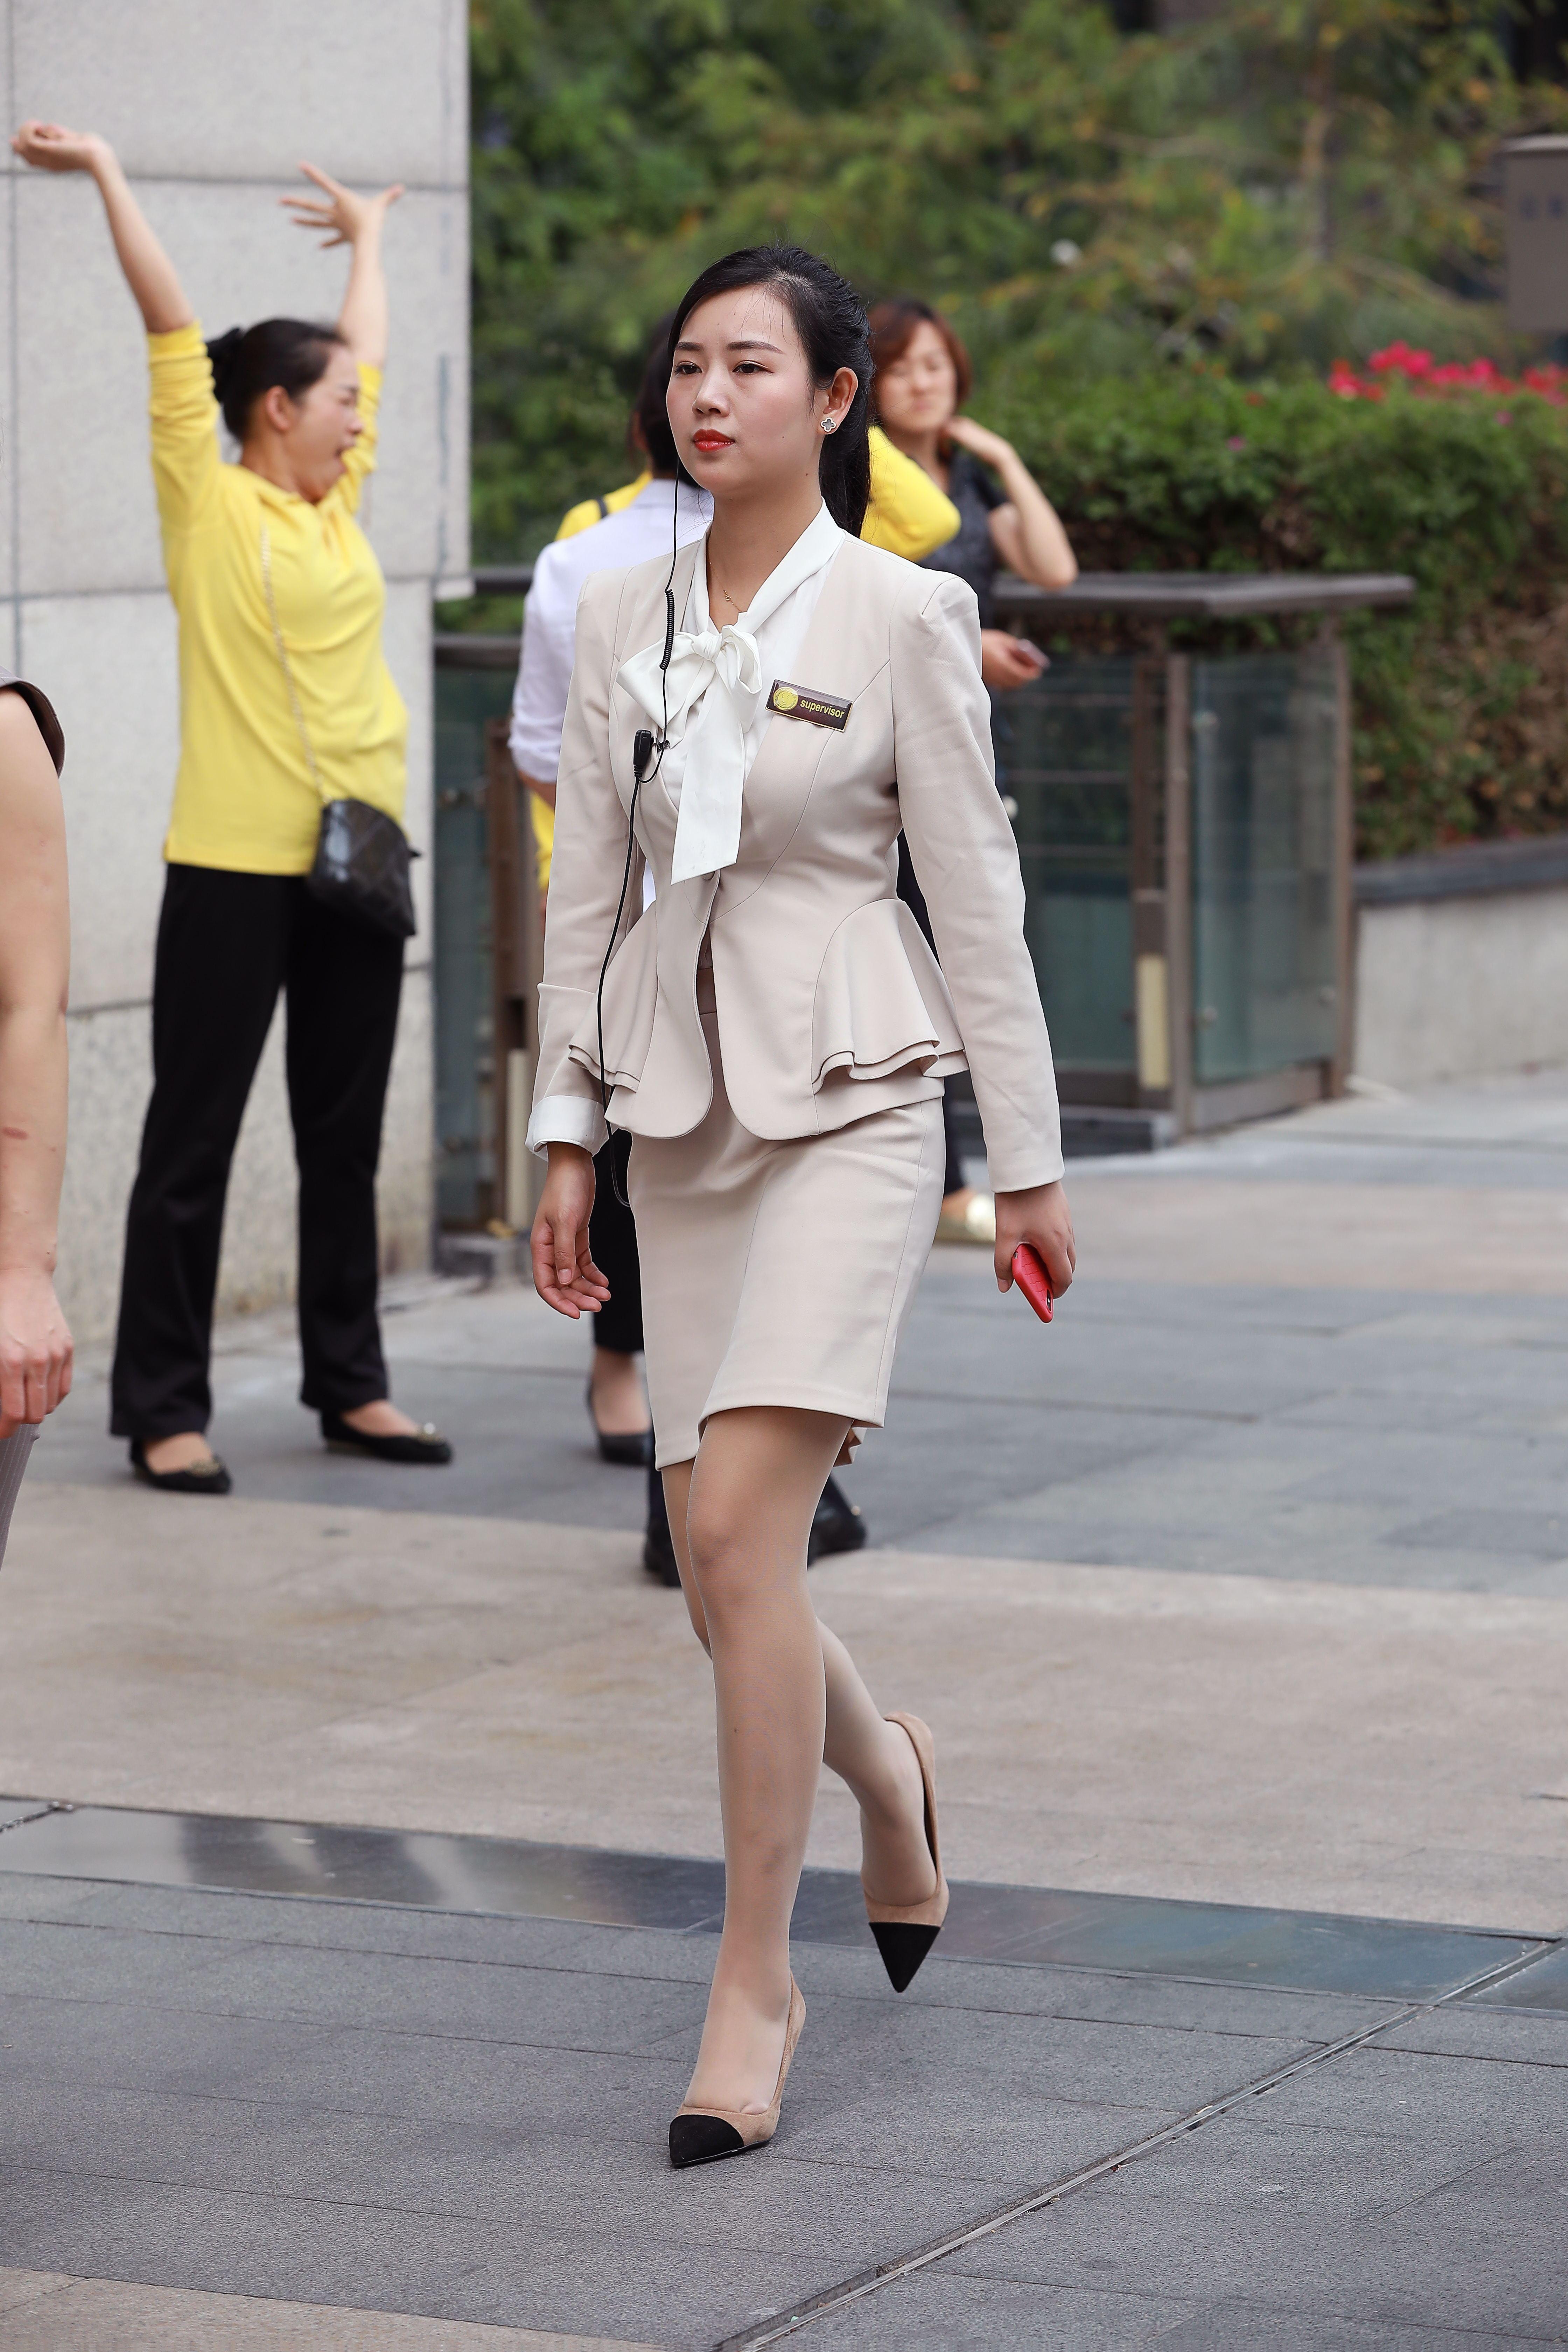 街拍ol职业装美女_街拍联盟:早晨去上班的肉丝美女白领,职业装很新颖-今日看点